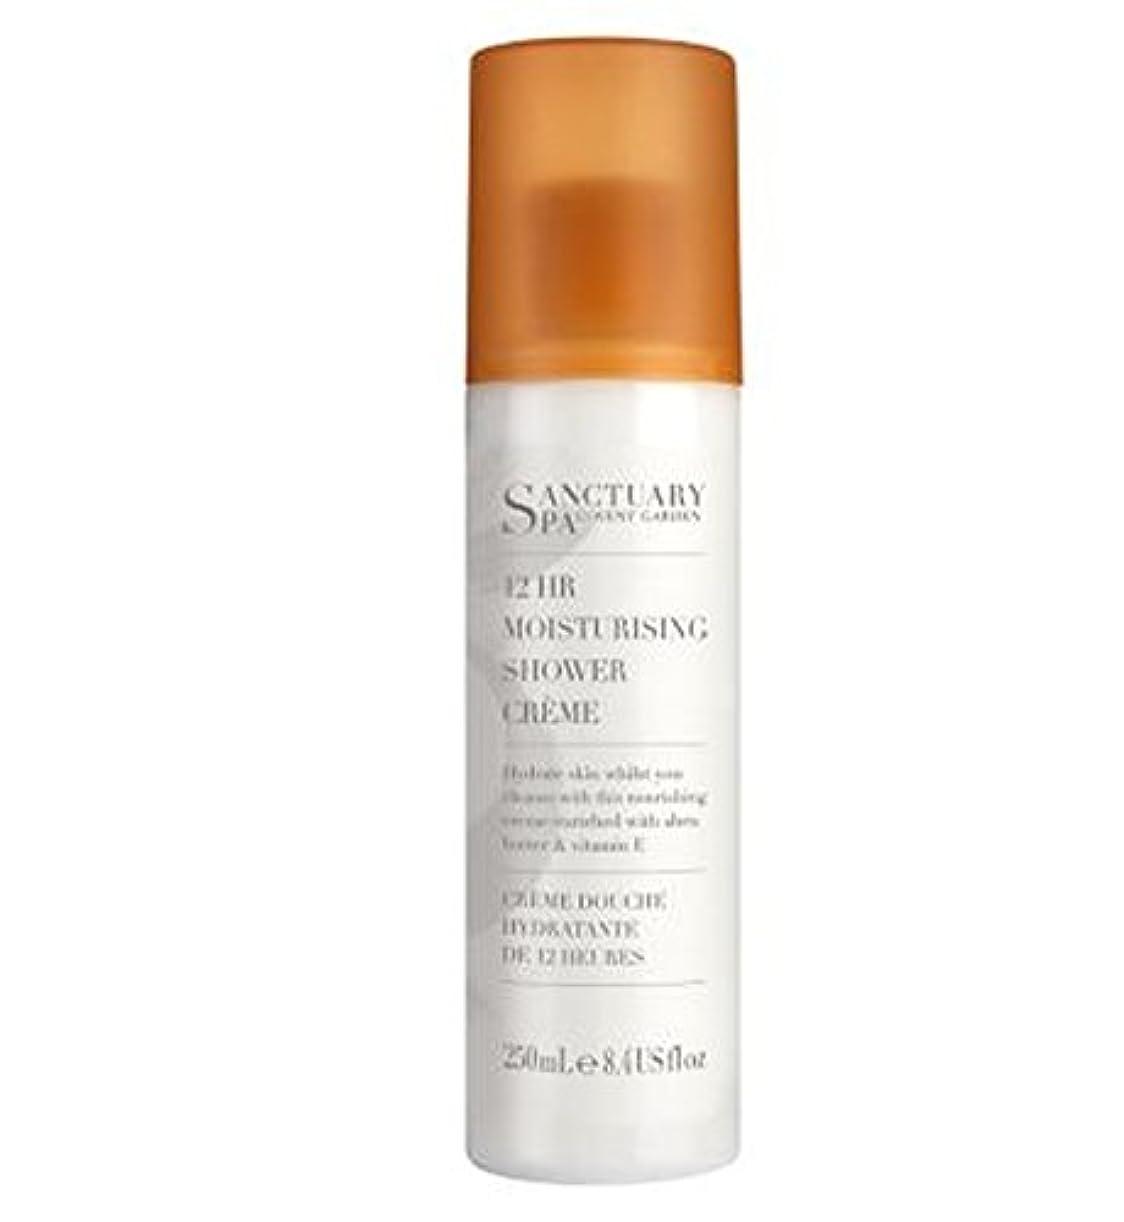 メロン伝染性許可Sanctuary 12 Hour Moisturising Shower Cream 250ml - 聖域12時間保湿シャワークリーム250ミリリットル (Sanctuary) [並行輸入品]